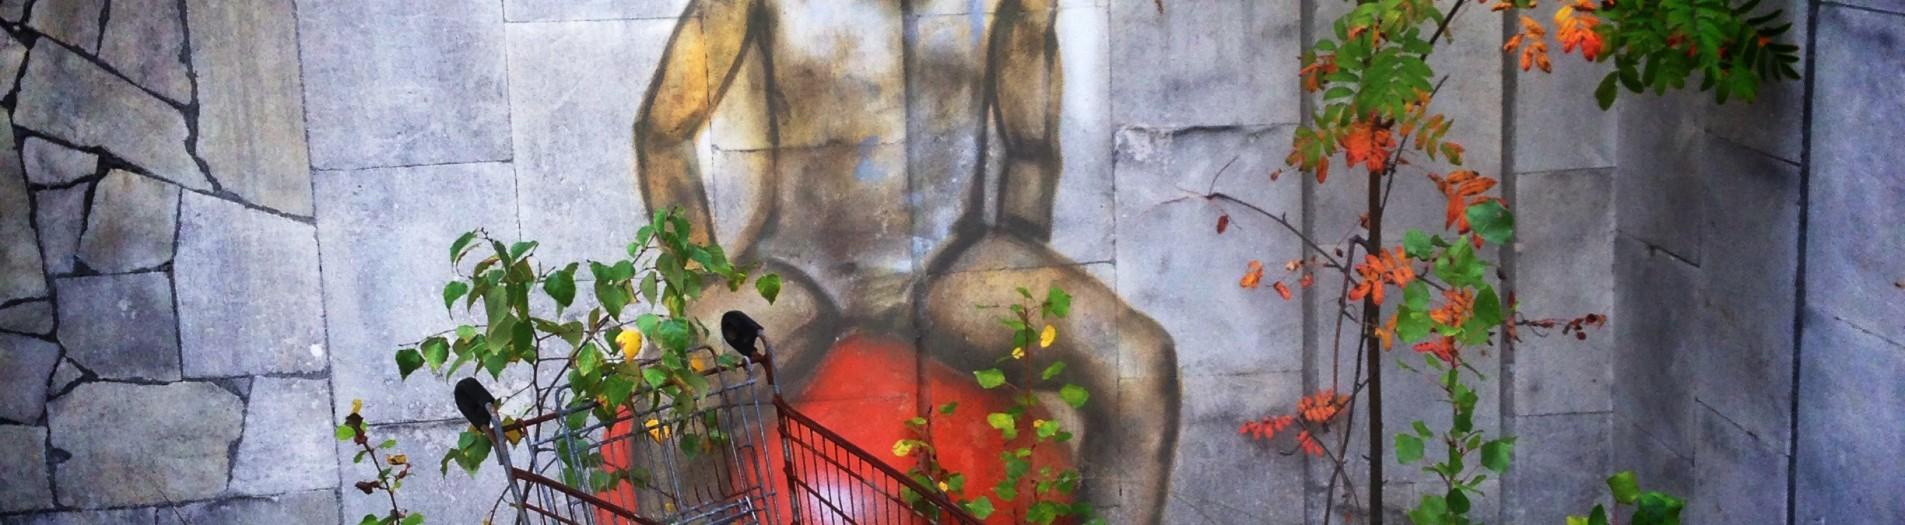 Chernobyl Series – Capítulo 9 - Día 2 – Primeros pasos por Pripyat…